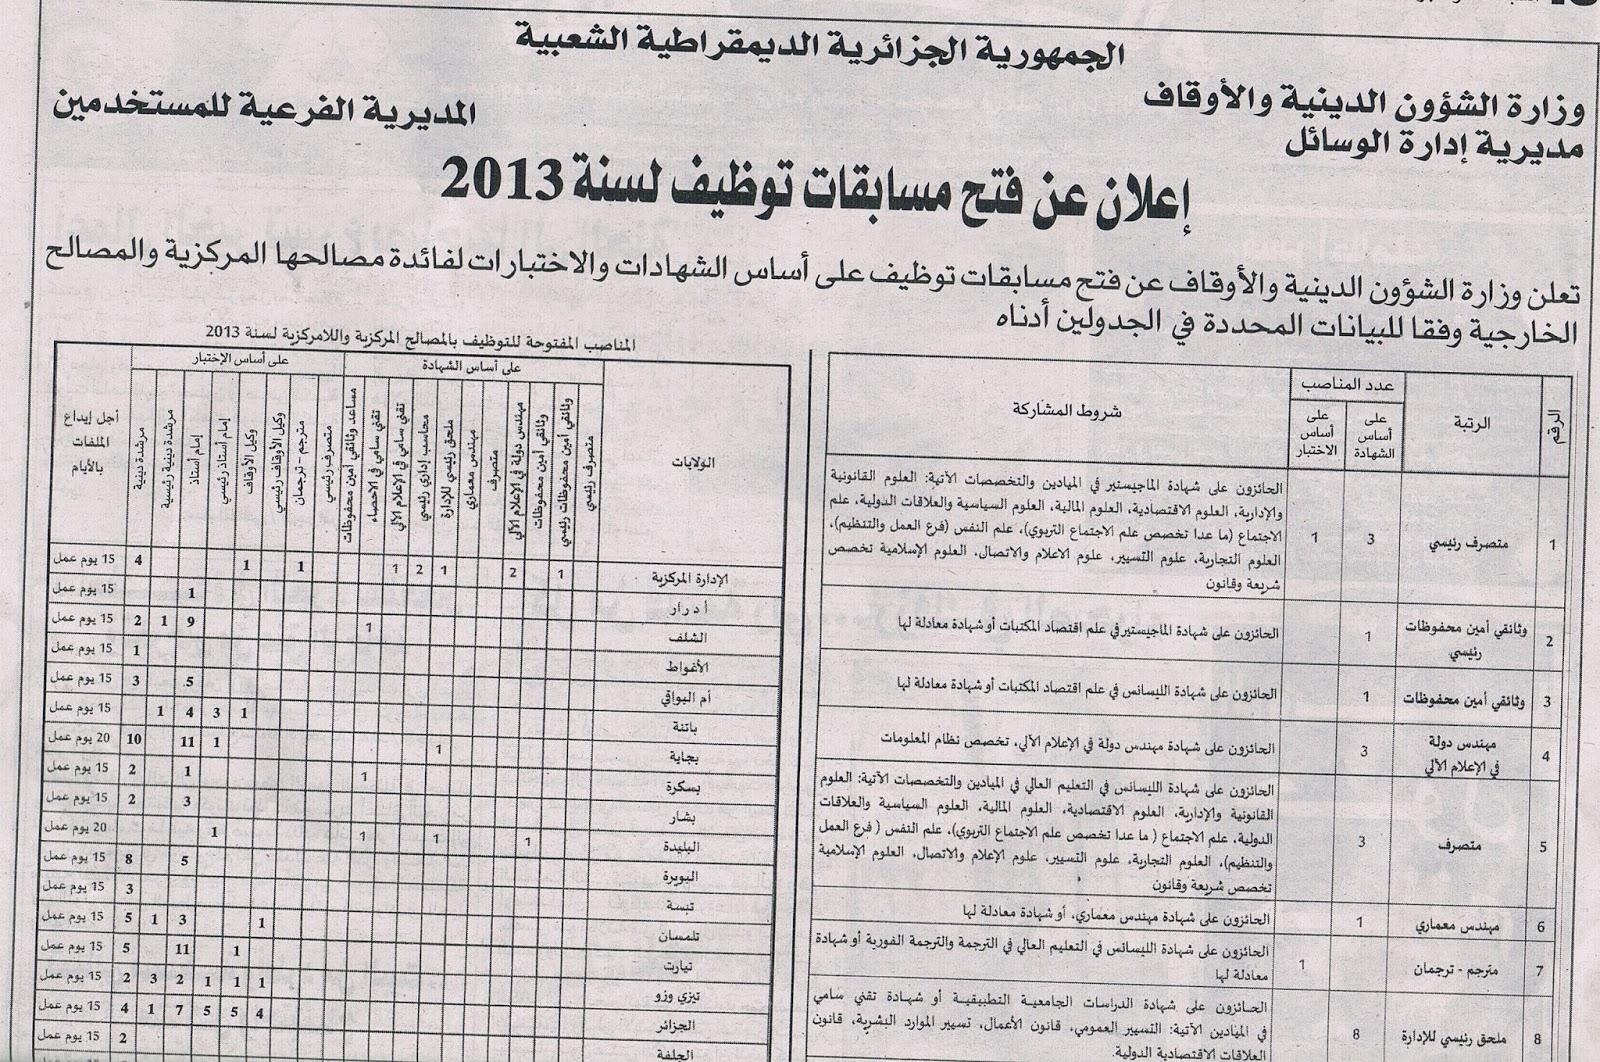 إعلان توظيف 459 منصب في وزارة الشؤون الدينية والأوقاف نوفمبر 2013 Dinia1